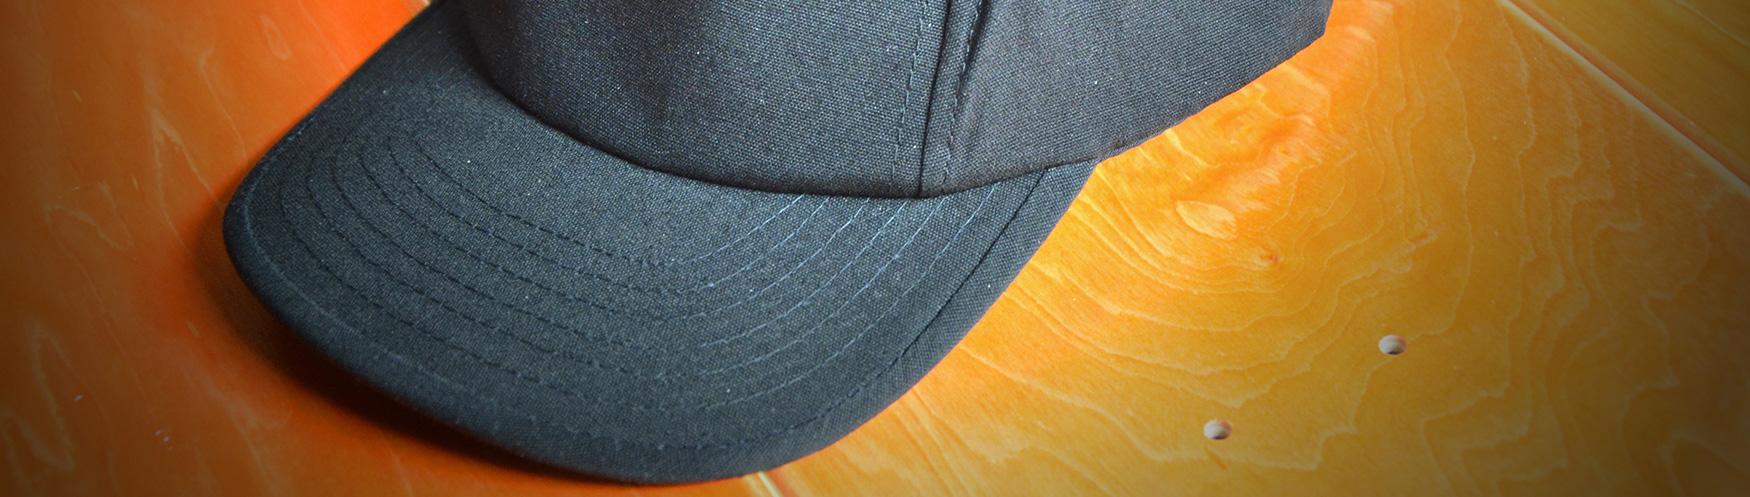 skateboard-hat